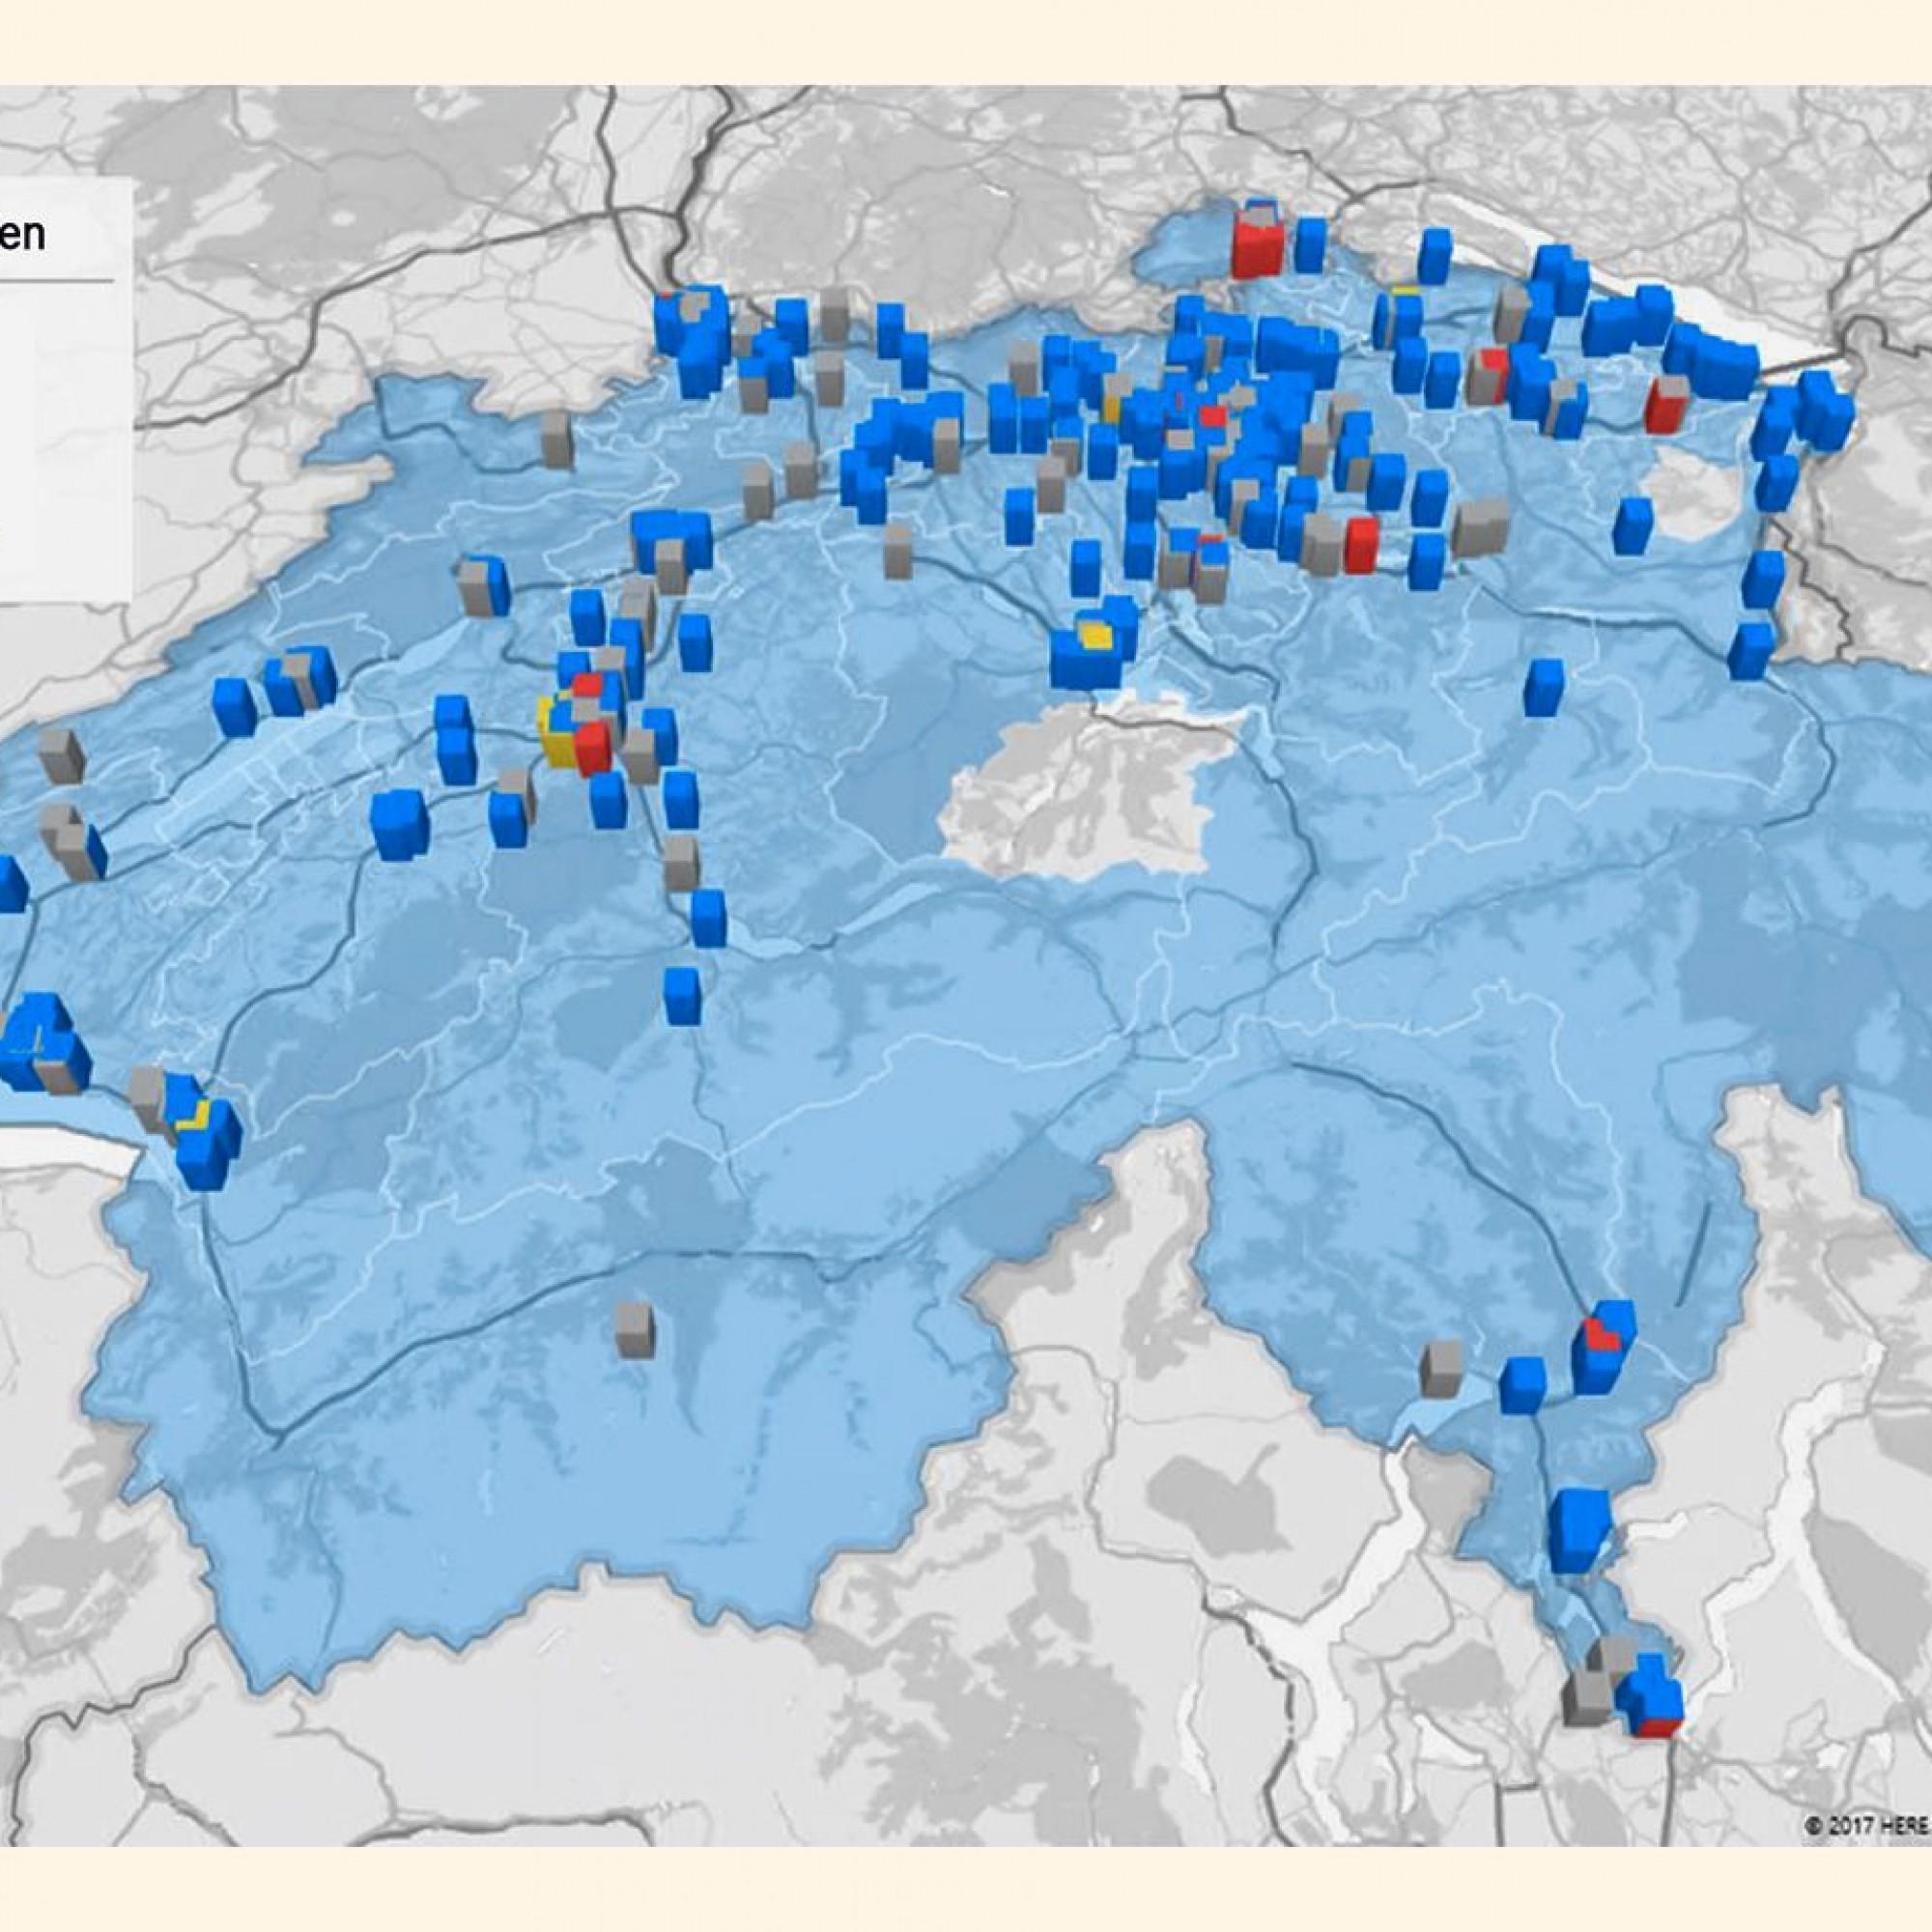 Die 500 in der Studie untersuchten Liegenschaften verteilen sich auf 300 Gemeinden in der ganzen Schweiz. Es handelt sich vorwiegend um mittlere und grössere Wohnbauten. Einfamilienhäuser und öffentliche Gebäude sind im Gebäudesample der Studie nicht enth